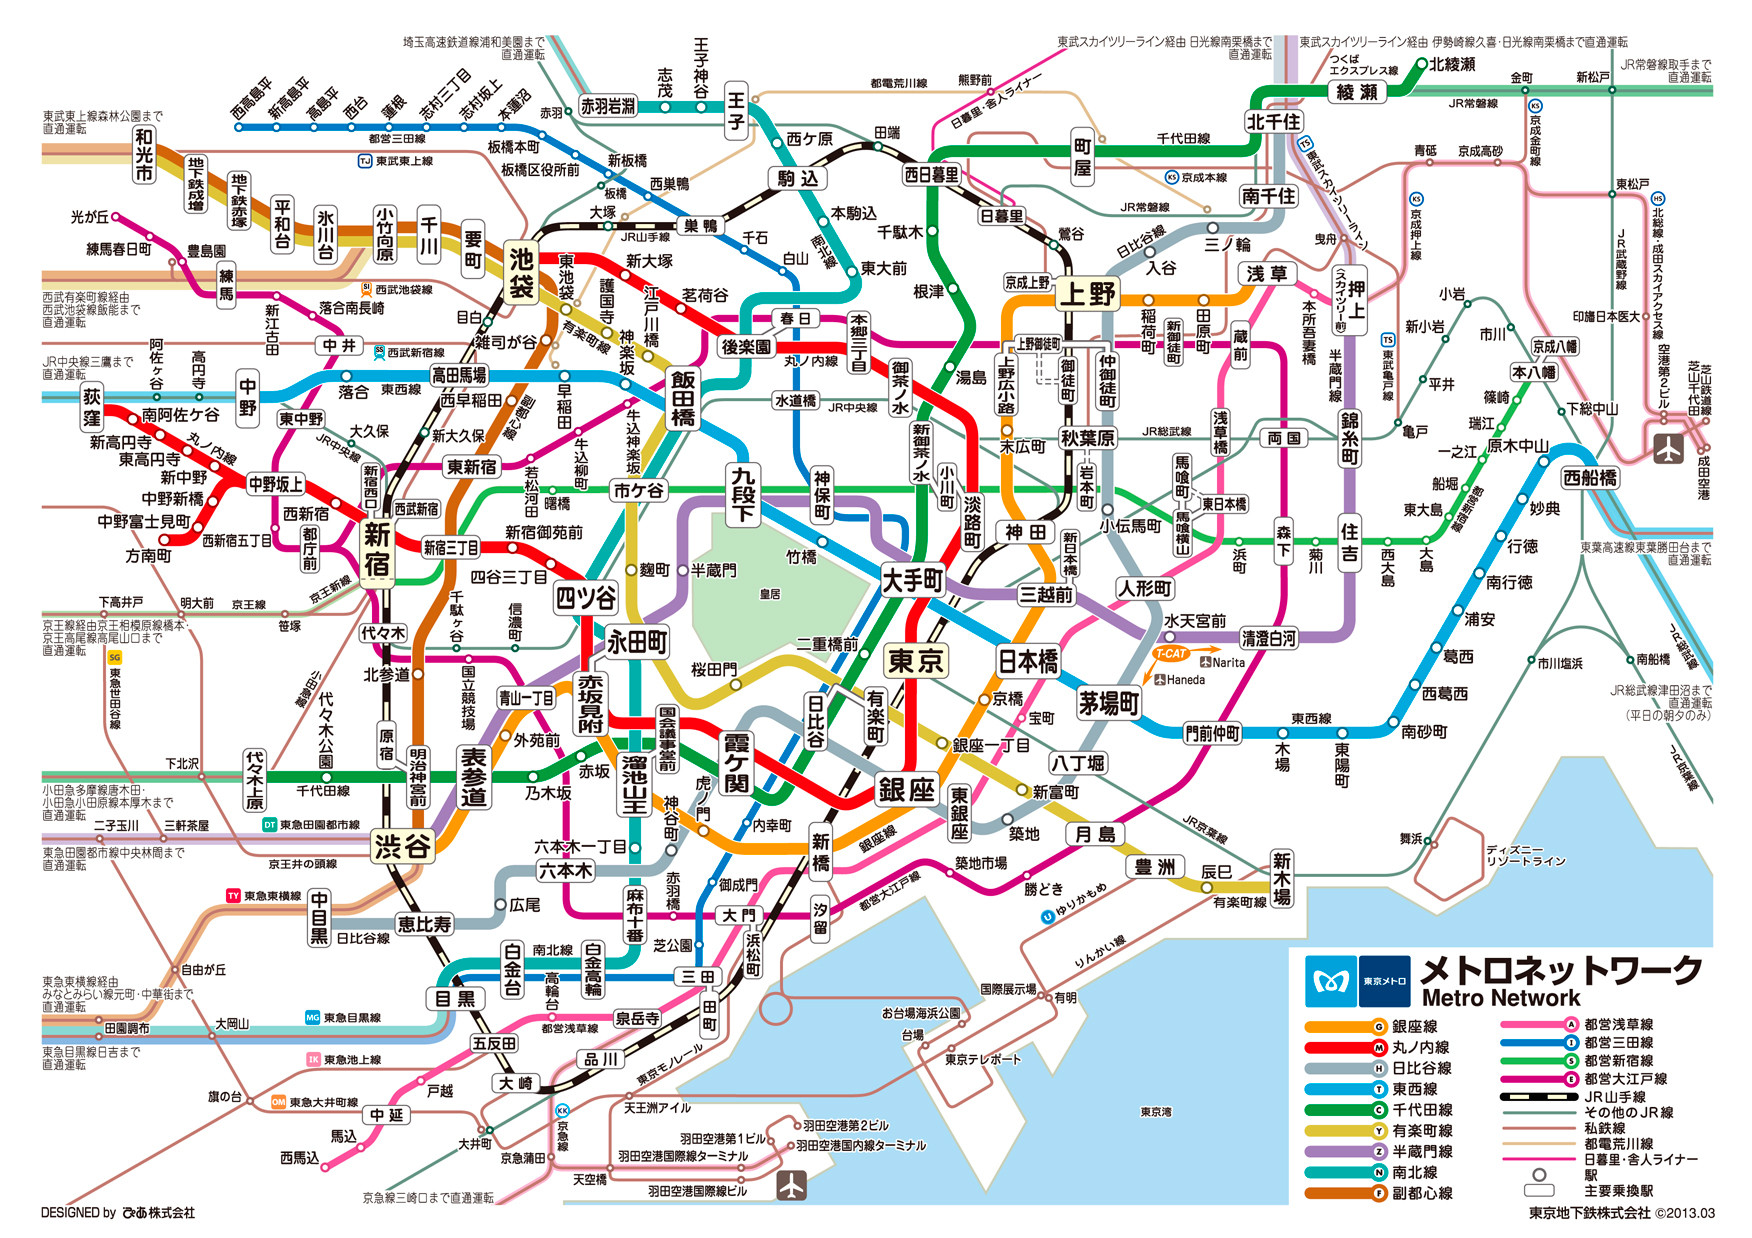 東京路線図 - meik.jp